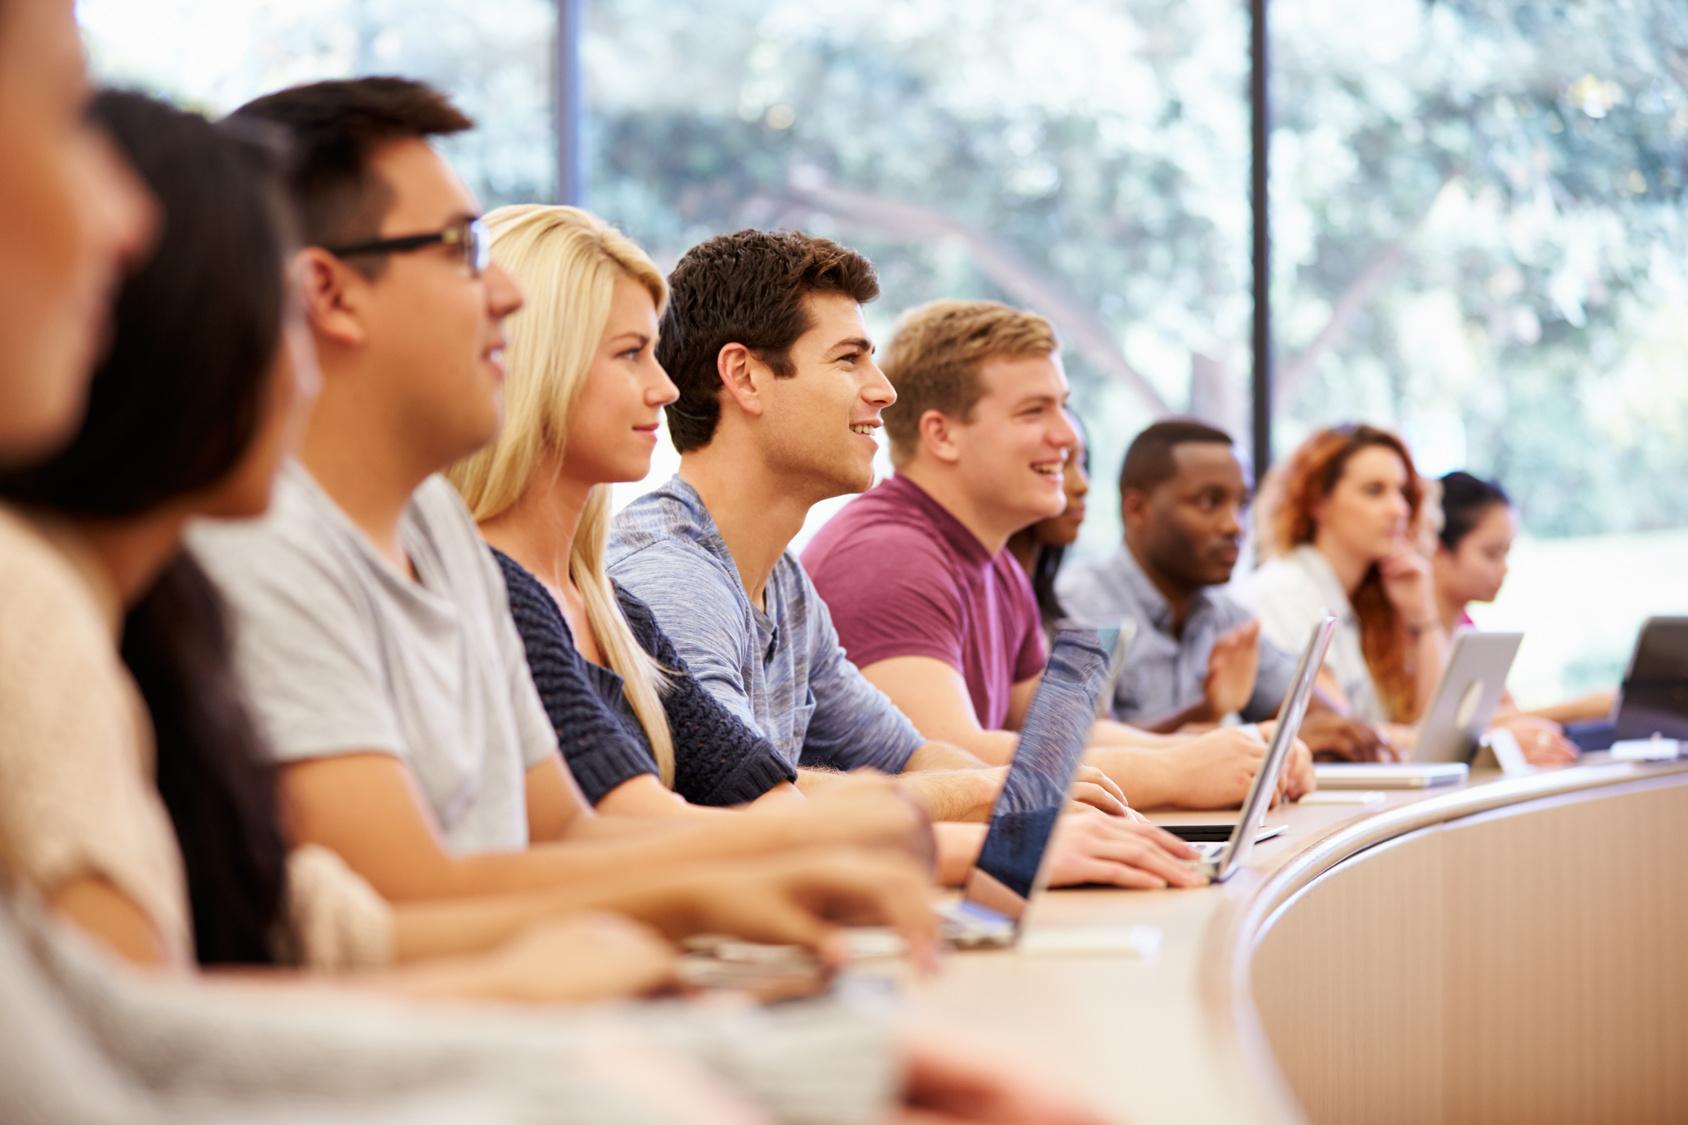 Выдачу образовательных кредитов возобновят осенью 2016 года